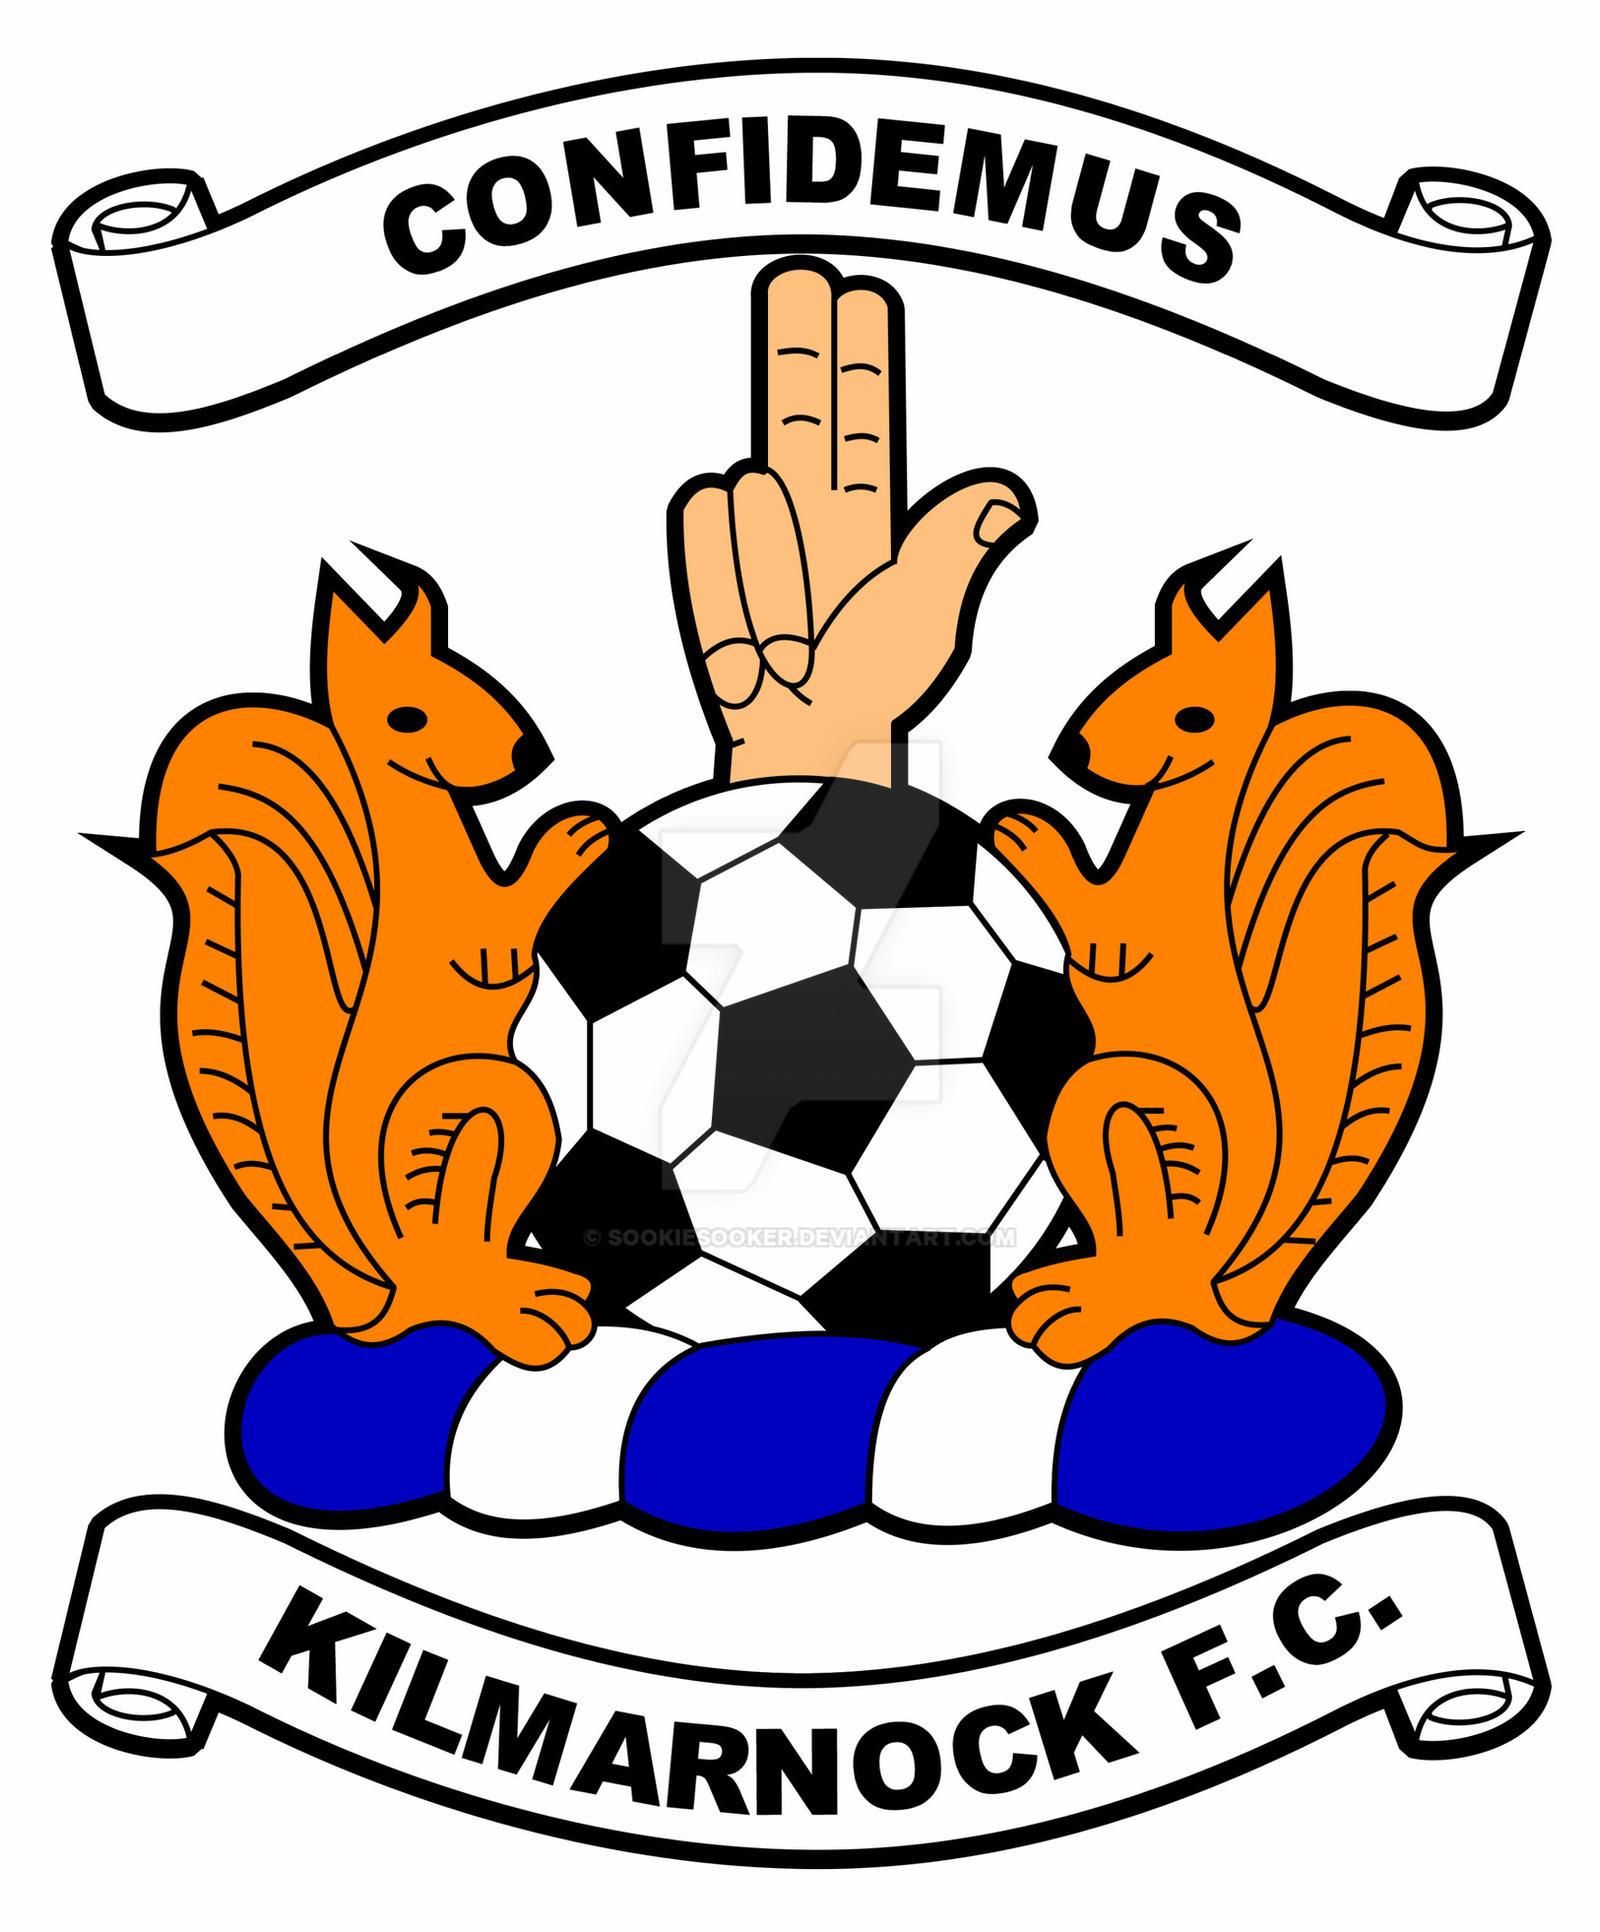 Kilmarnock FC Crest by Sookie